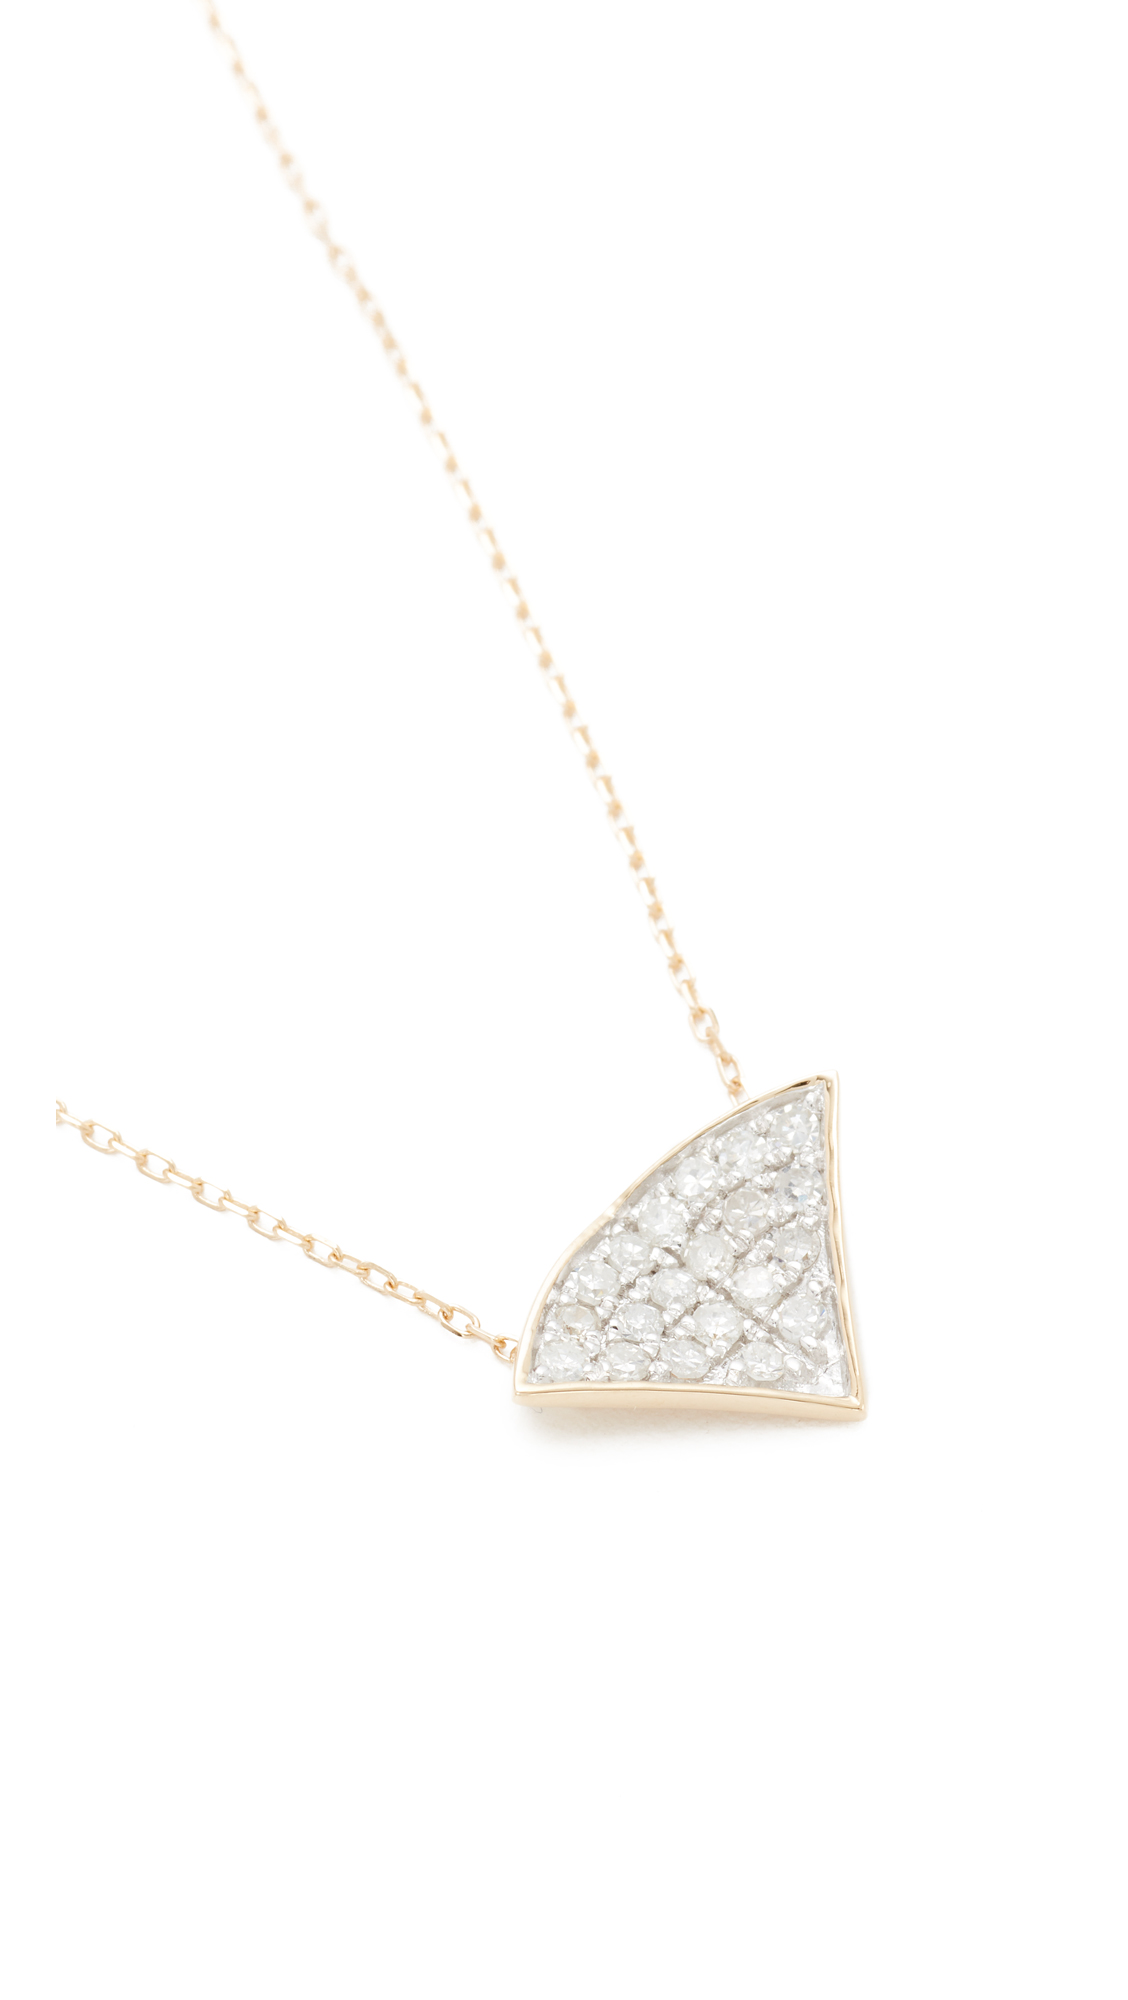 Adina Reyter 14k Gold Pave Folded Fan Necklace 4UYhNlg7o